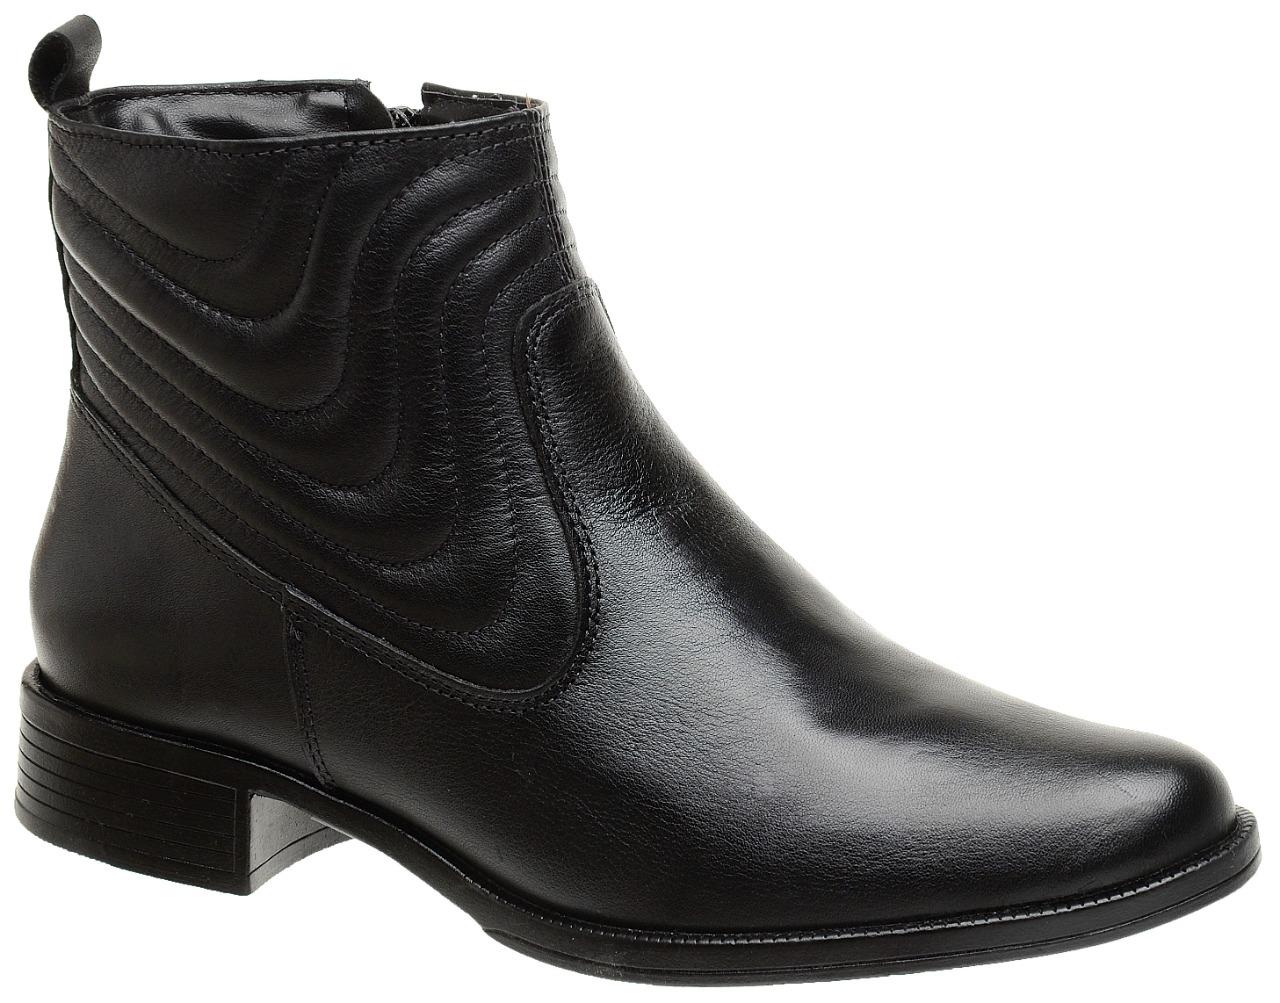 Bota clássica ankle boot com detalhe